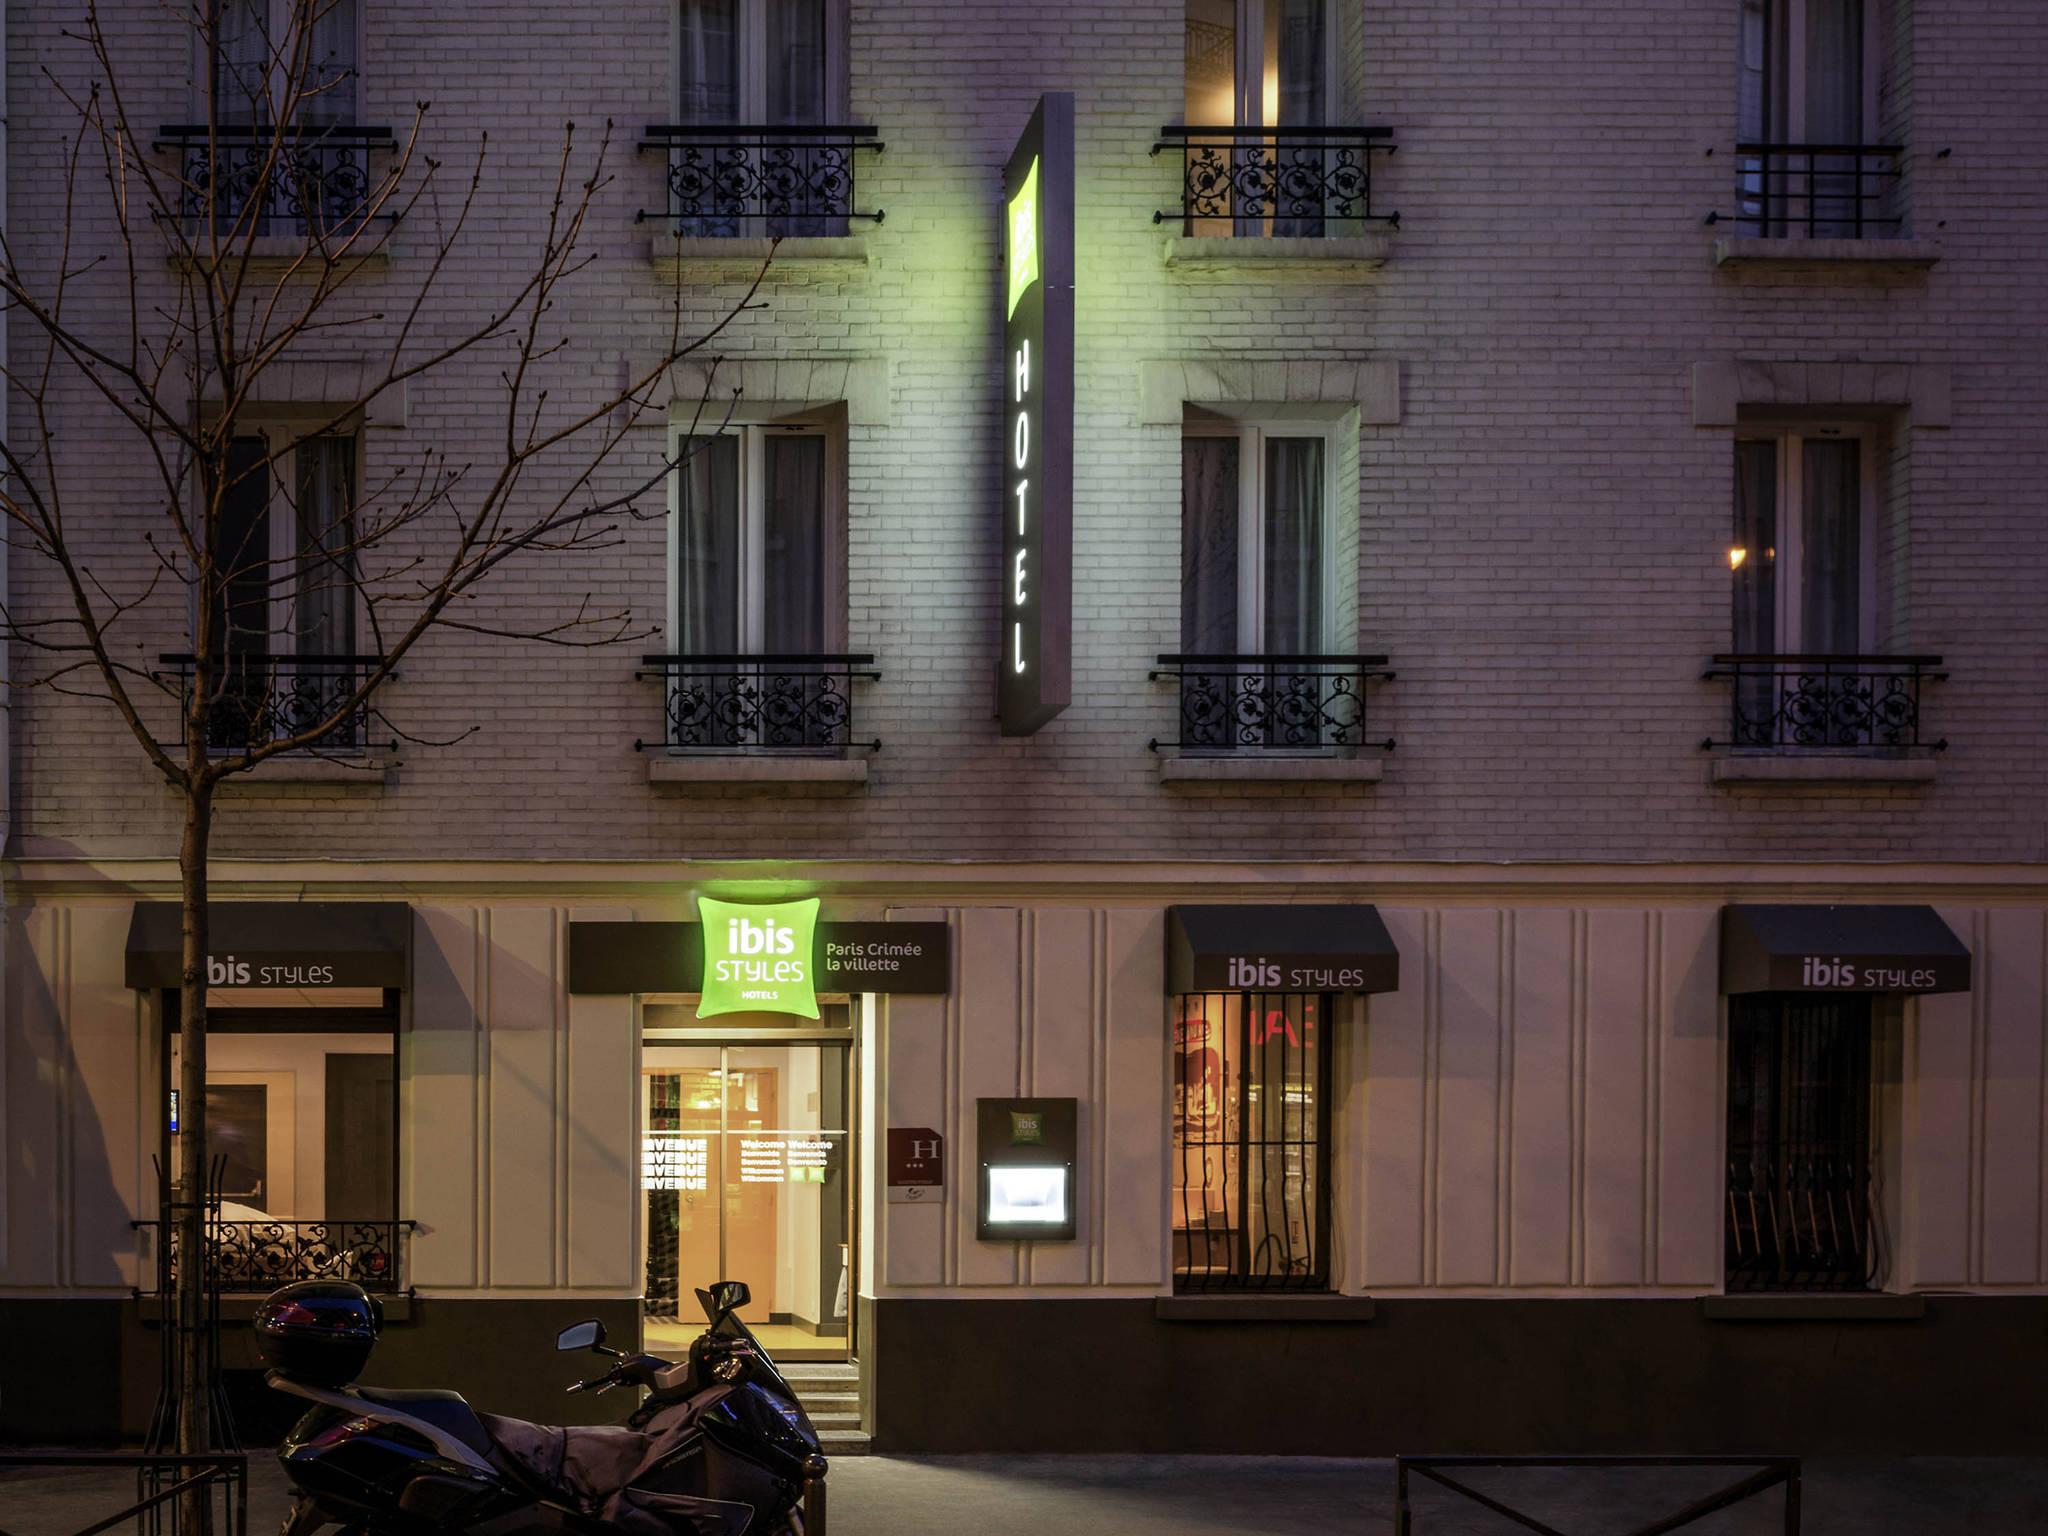 H Tel Paris Ibis Styles Paris Crim E La Villette